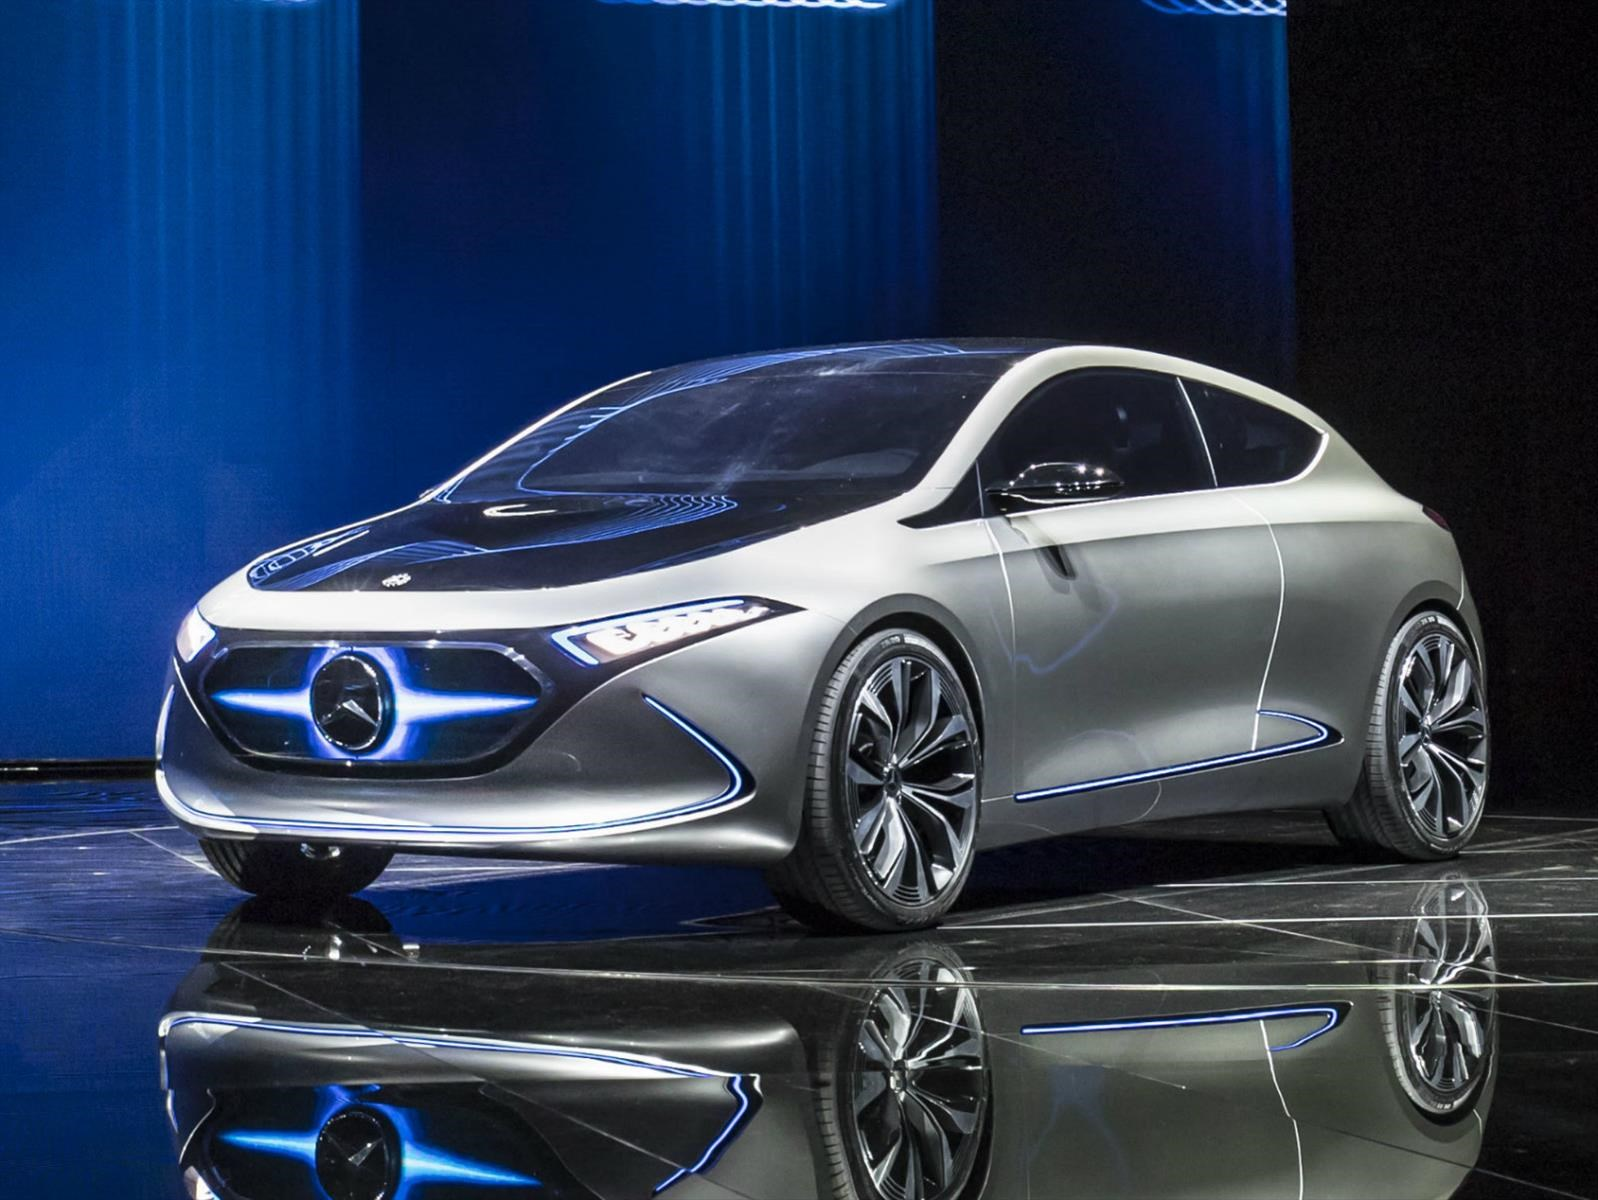 Mercedes-Benz EQA Concept, eléctrico alemán en el IAA 2017